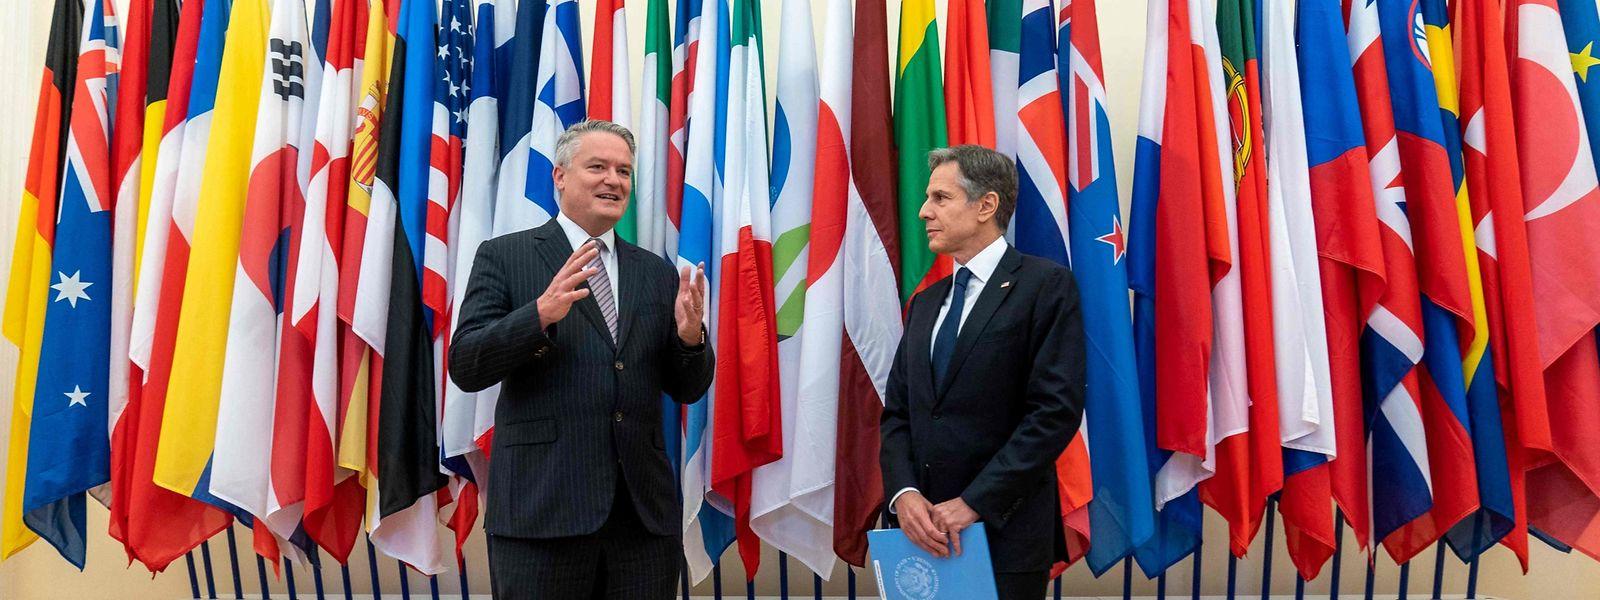 «Cet ensemble de mesures historiques garantira que les grandes entreprises multinationales paient leur juste part d'impôts partout dans le monde», a déclaré Mathias Cormann, le secrétaire général de l'OCDE.